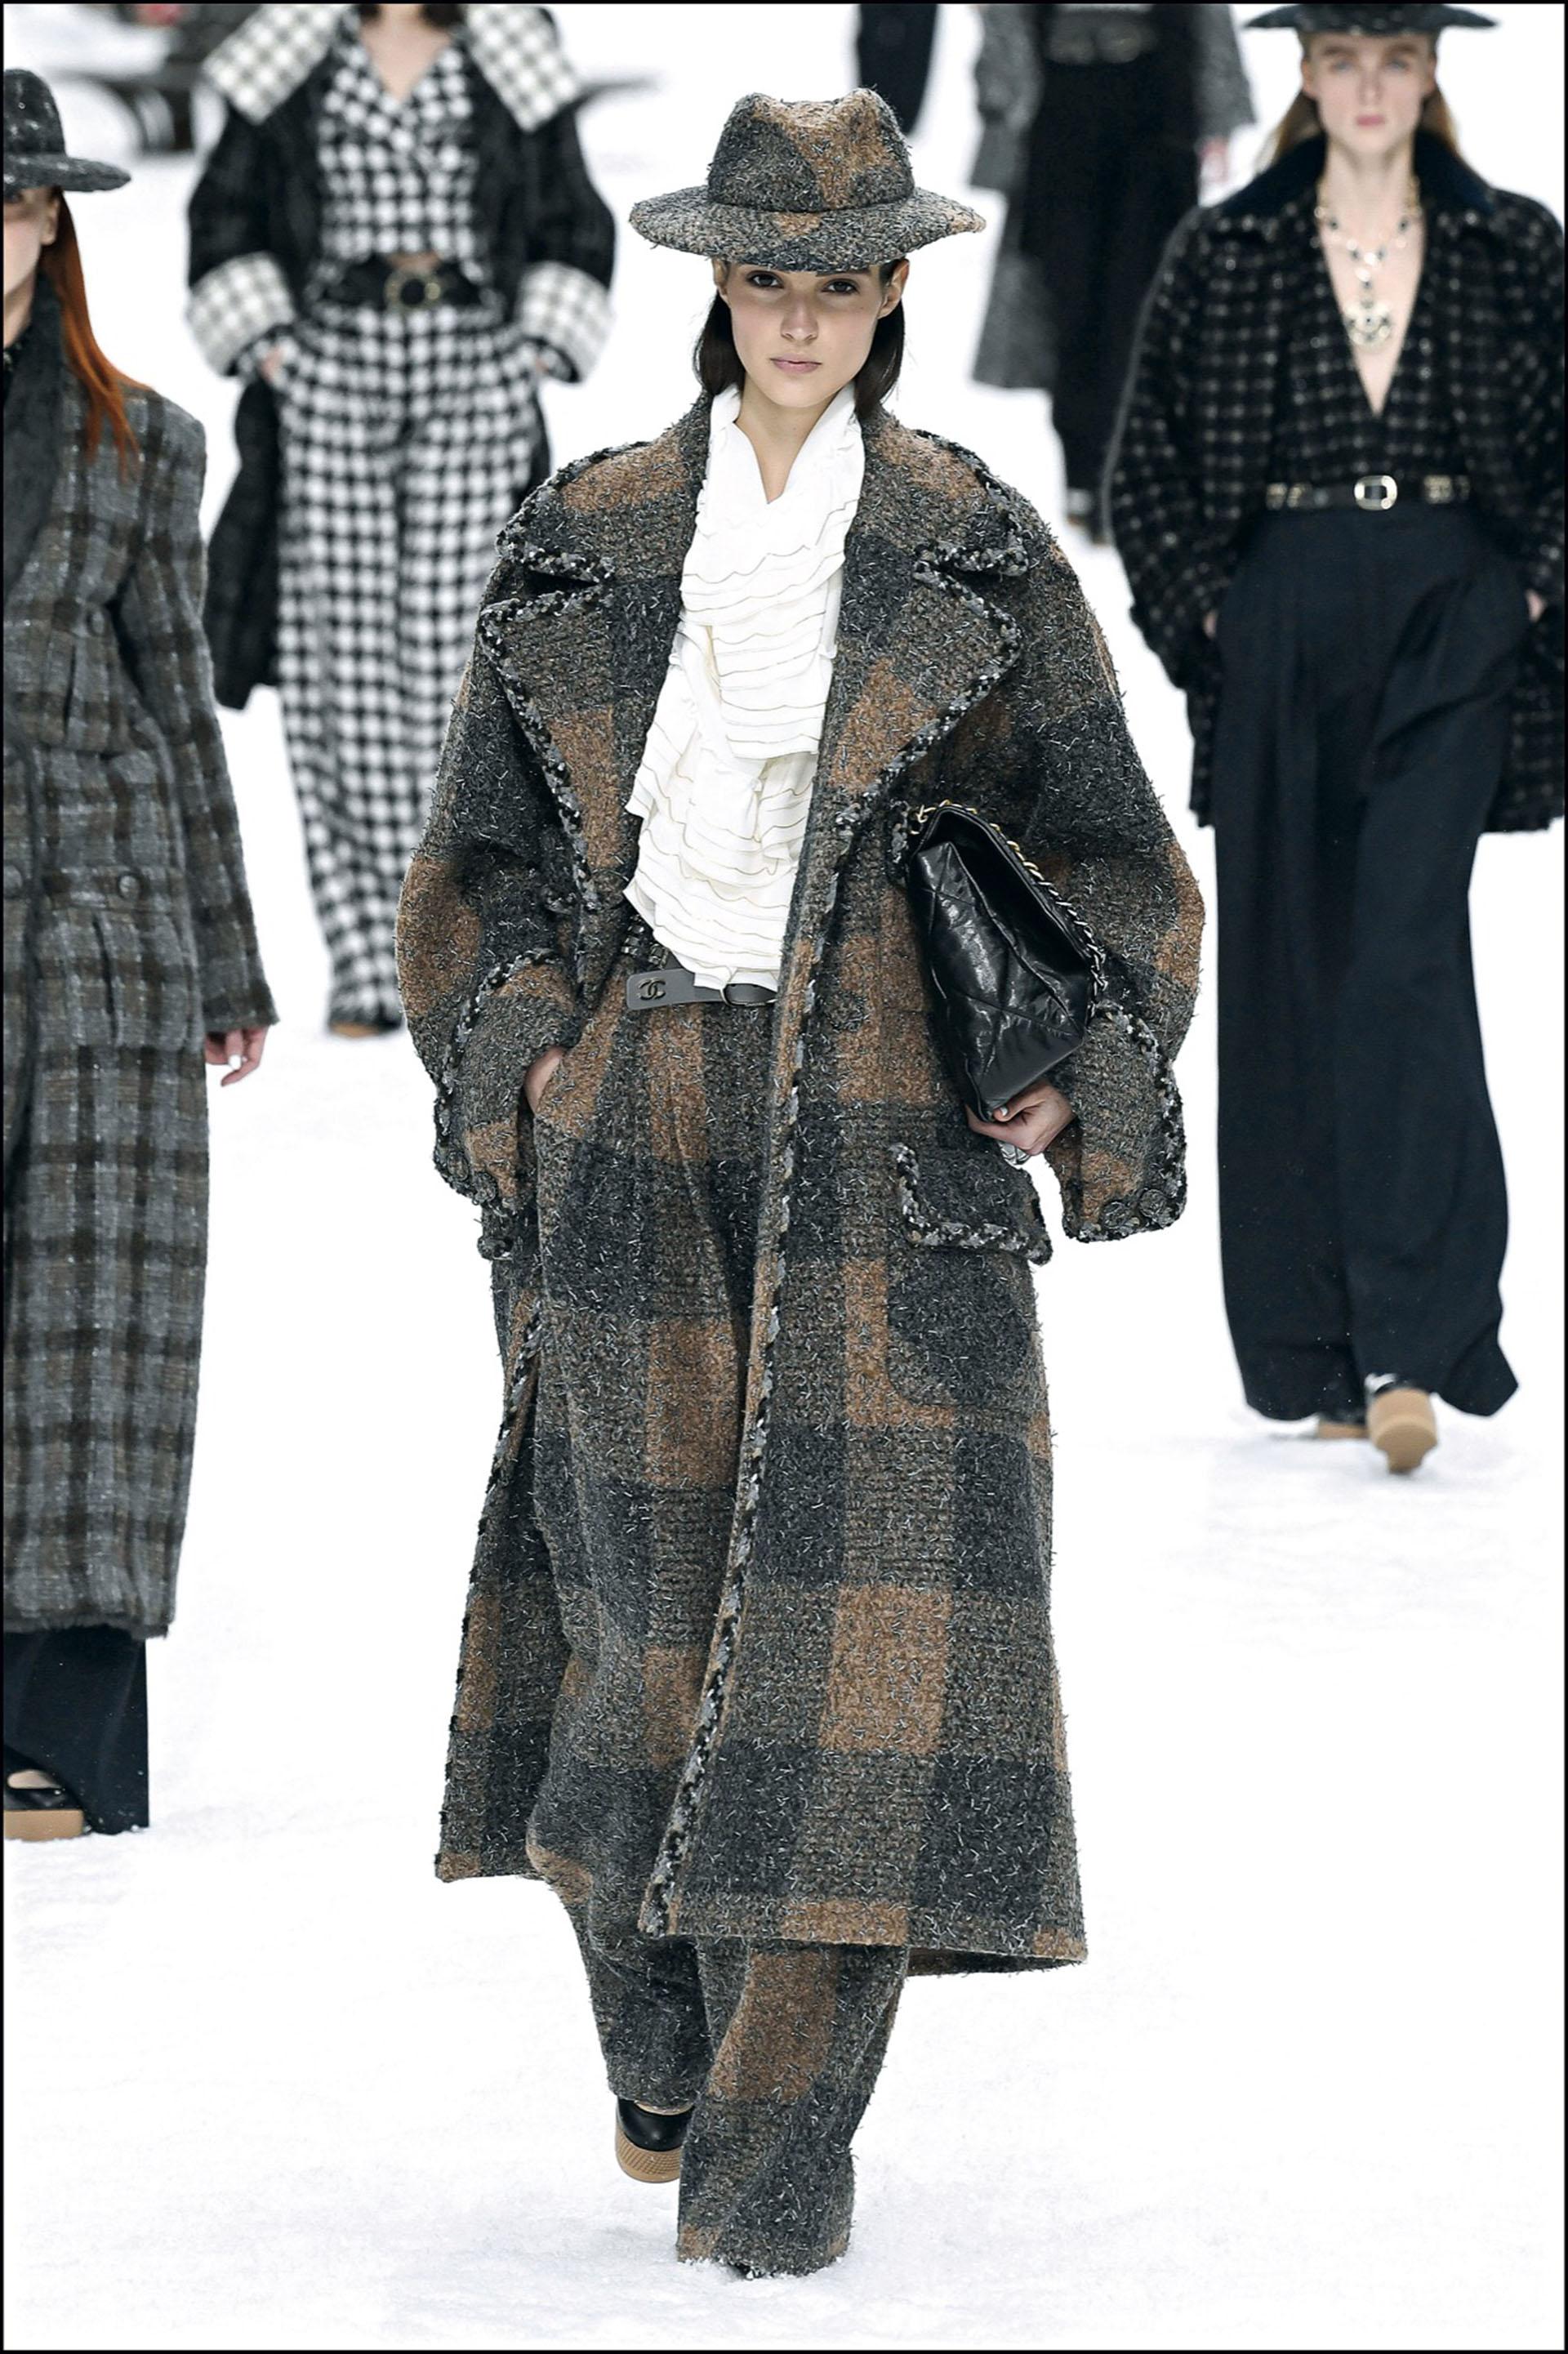 Mannequin - DÈfilÈ de mode Chanel collection prÍt-‡-porter Automne-Hiver au Grand Palais lors de la fashion week ‡ Paris, le 5 mars 2019. PAP F/W 2019/2020 Chanel fashion show in Paris. On march 5th 2019